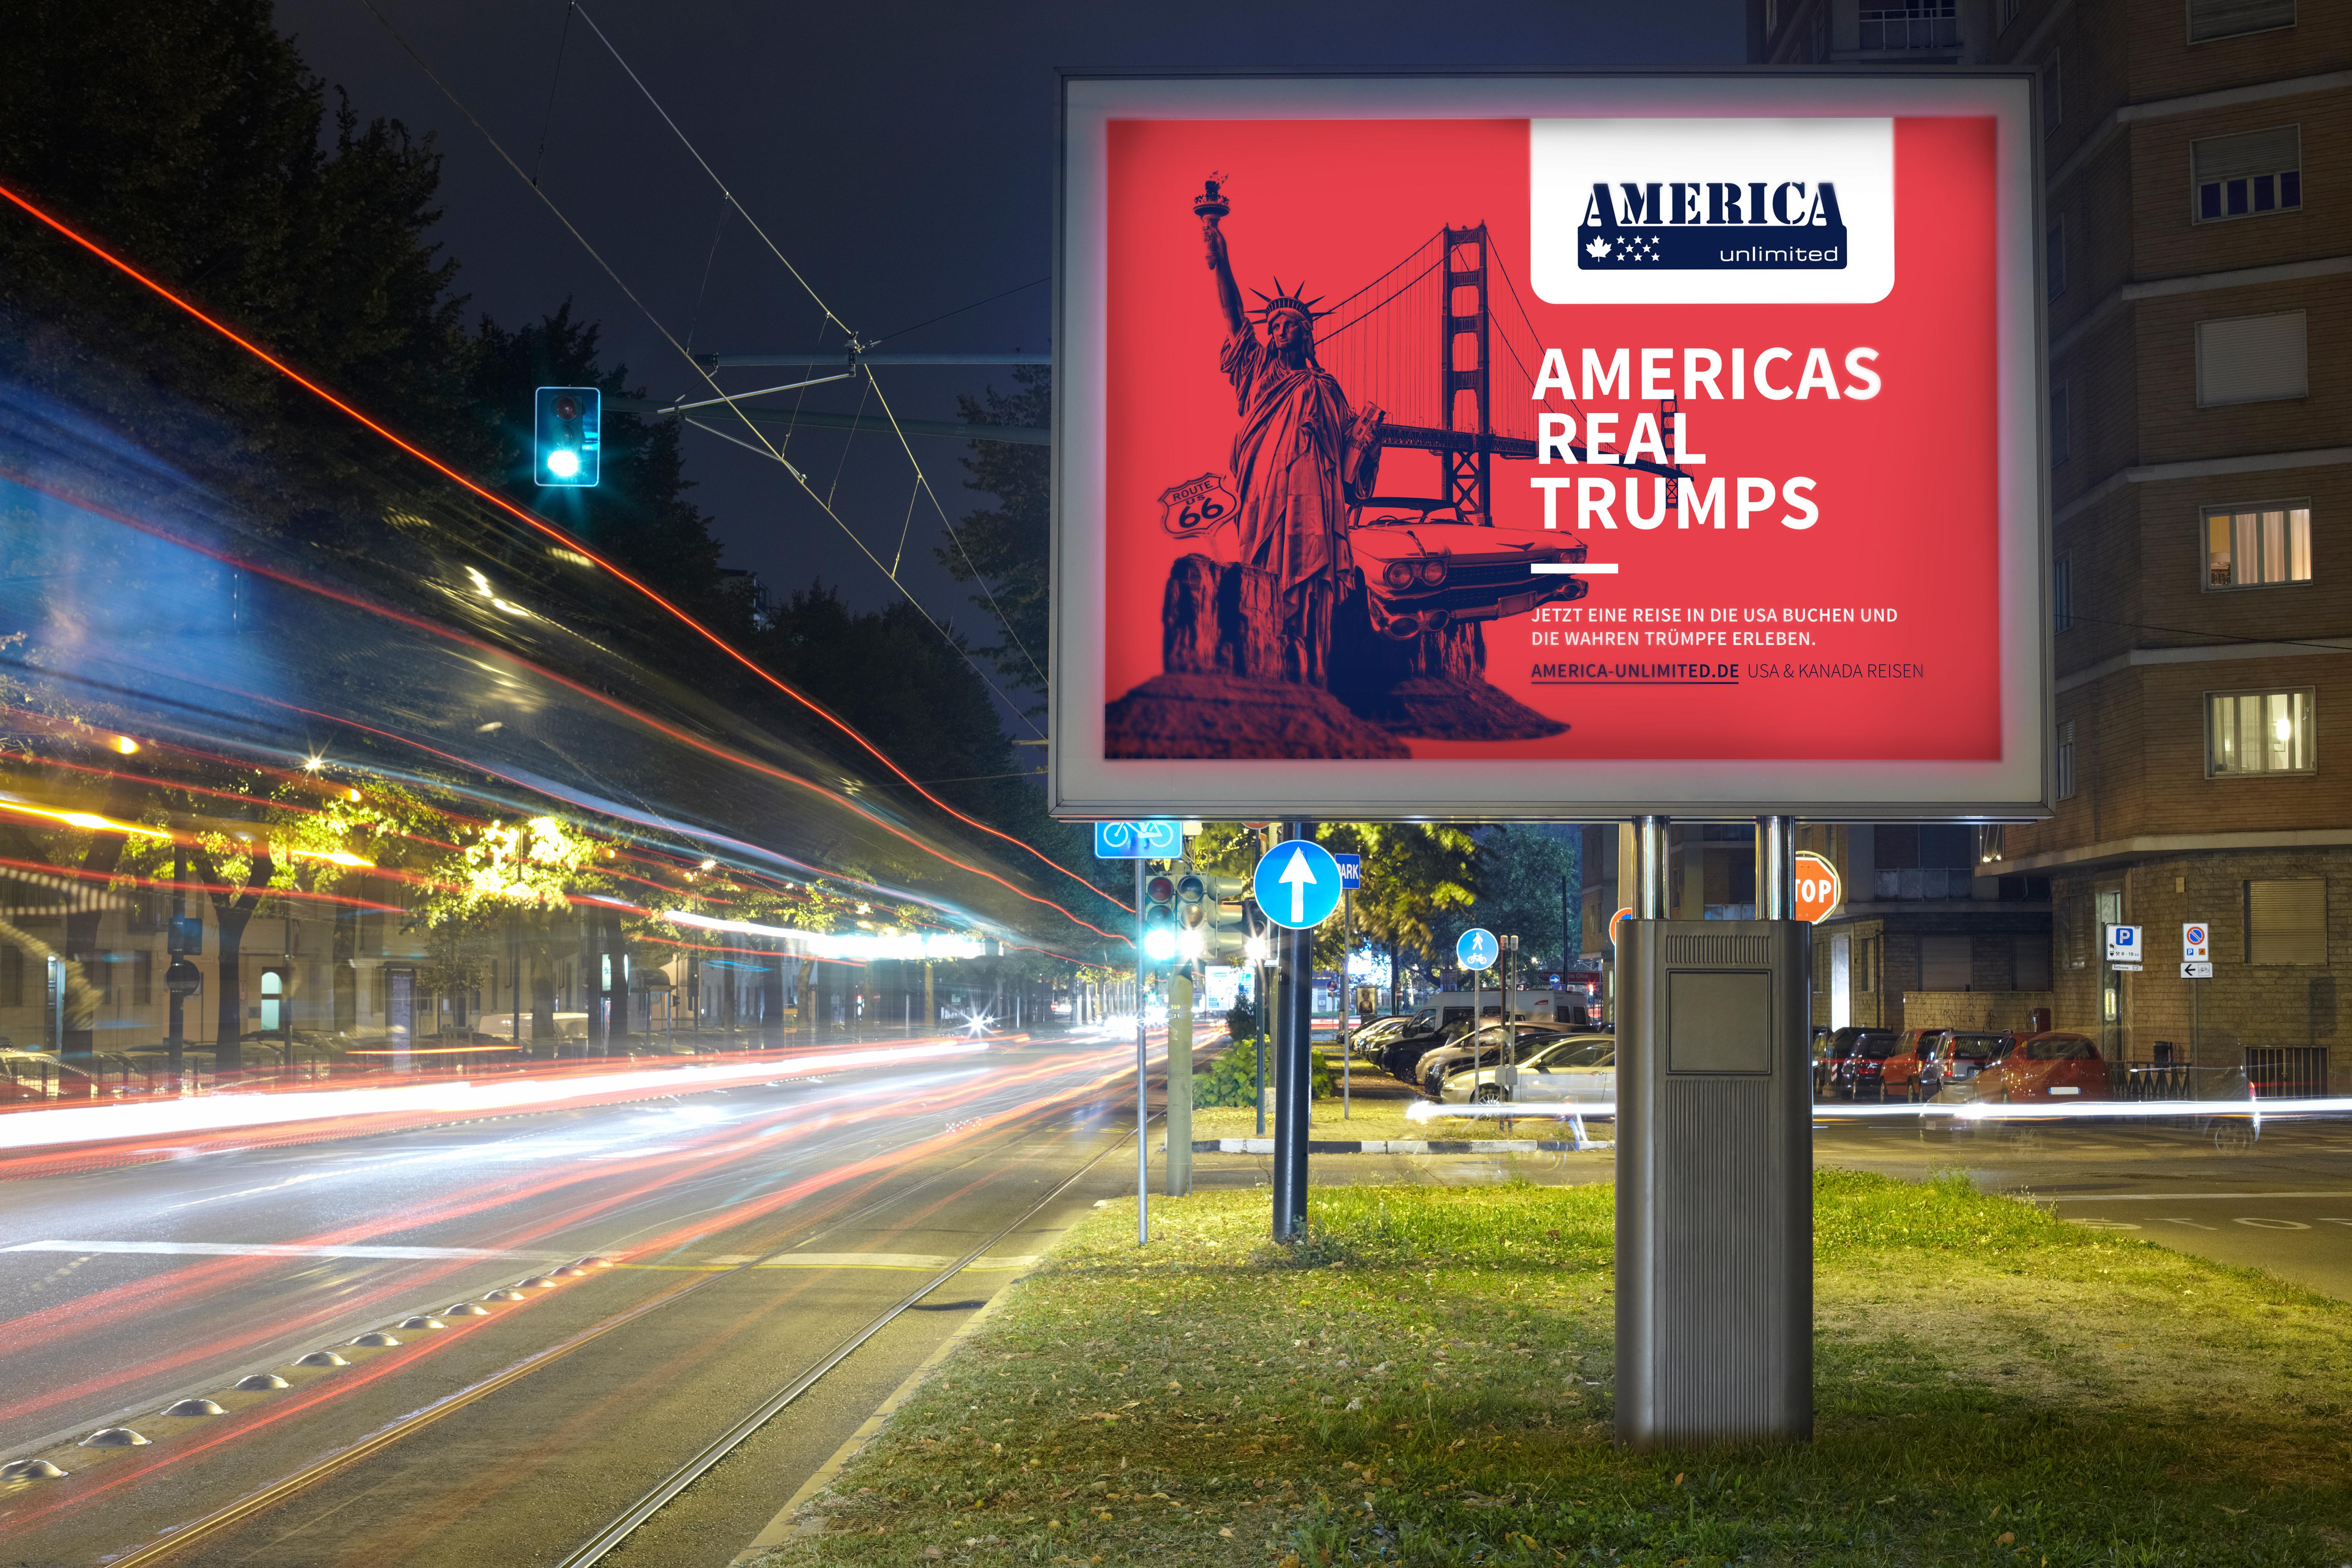 """Kreative Konzeption um Umsetzung der Plakatkampagne """"Americas Real Trumps"""" für America Unlimited"""